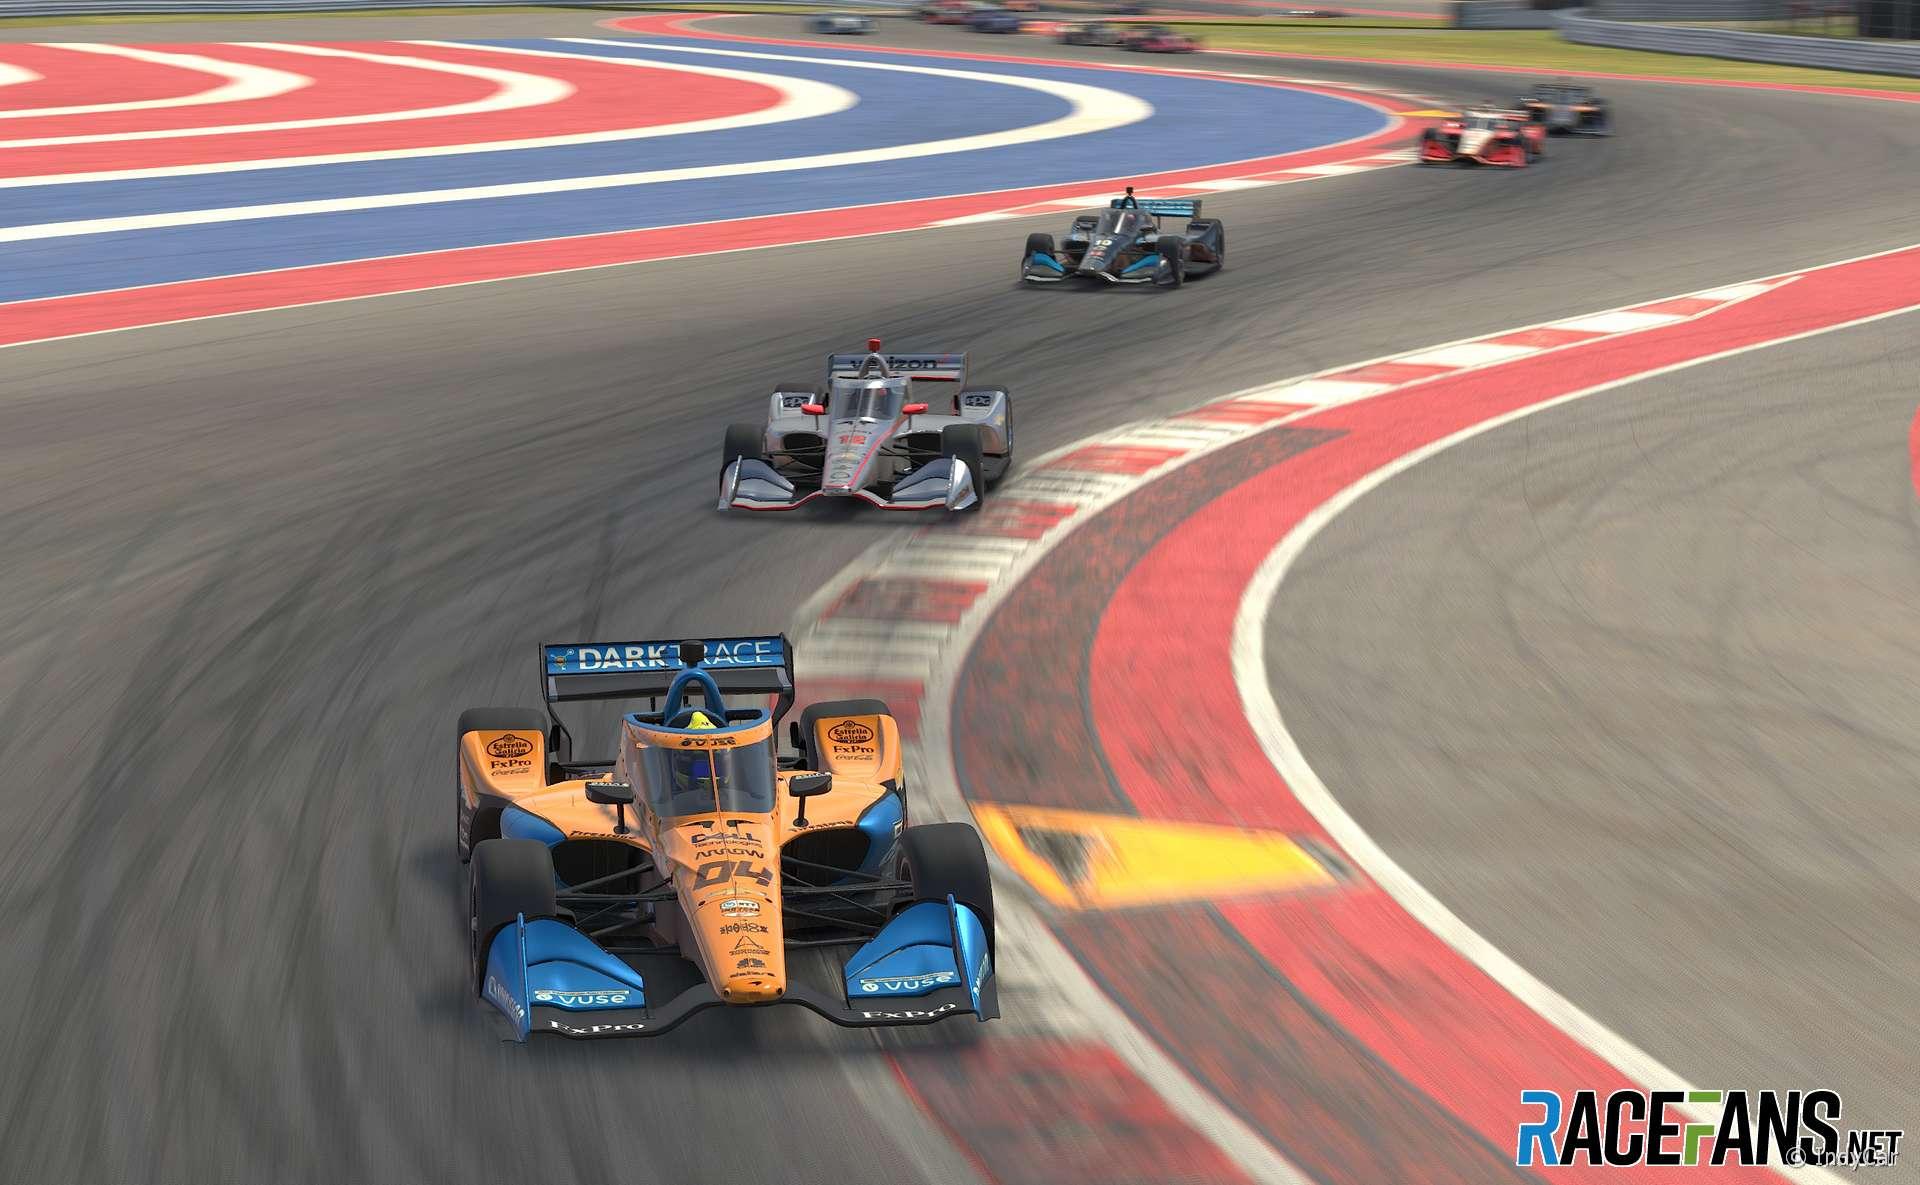 Lando Norris, McLaren SP, IndyCar iRacing Challenge, Circuit of the Americas, 2020